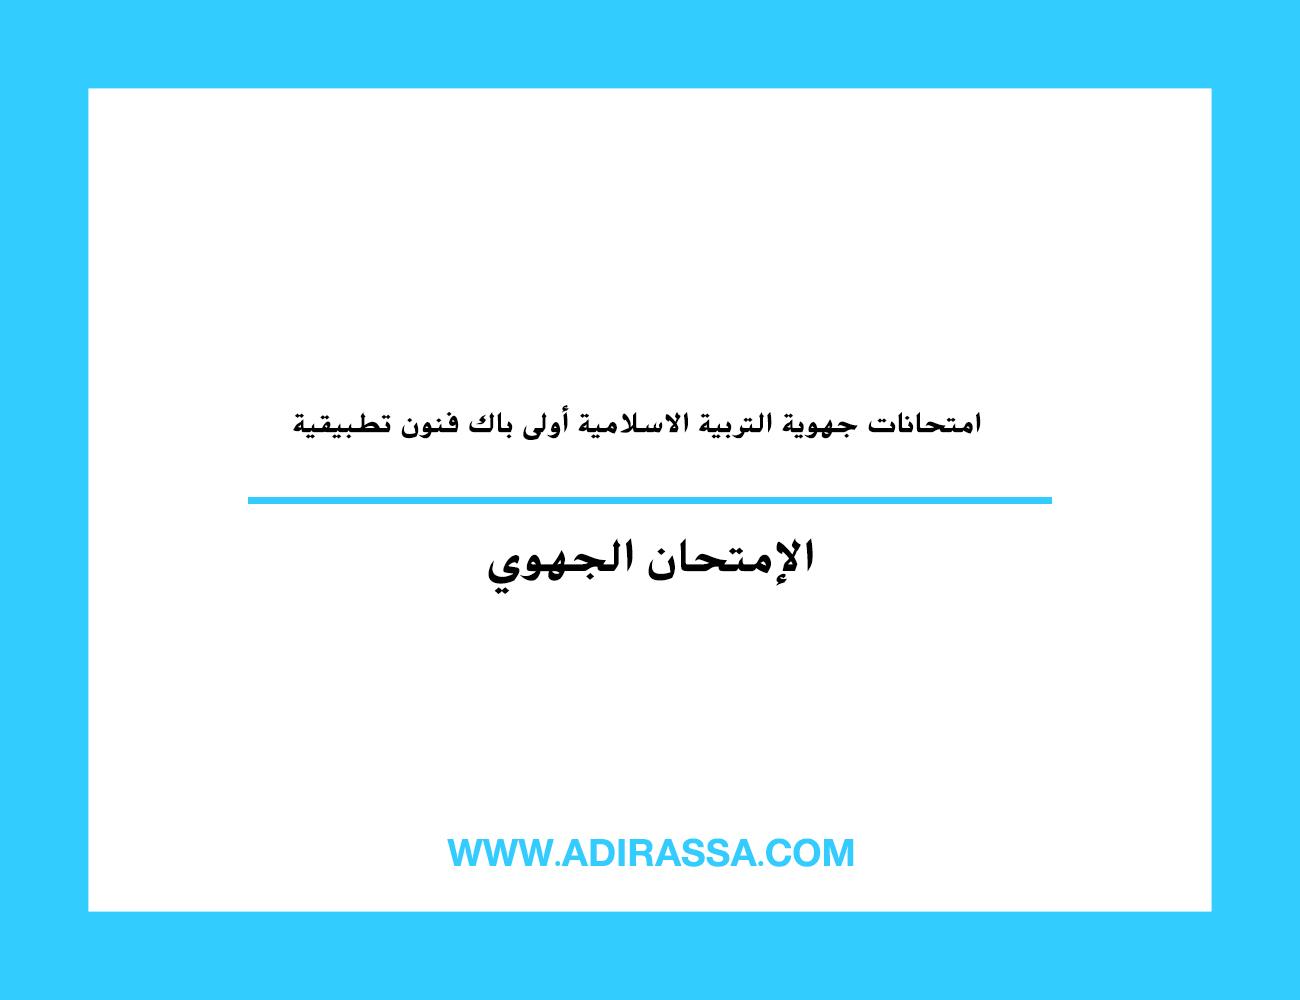 امتحانات جهوية التربية الاسلامية أولى باك فنون تطبيقية في الثانوي التأهيلي مغربي